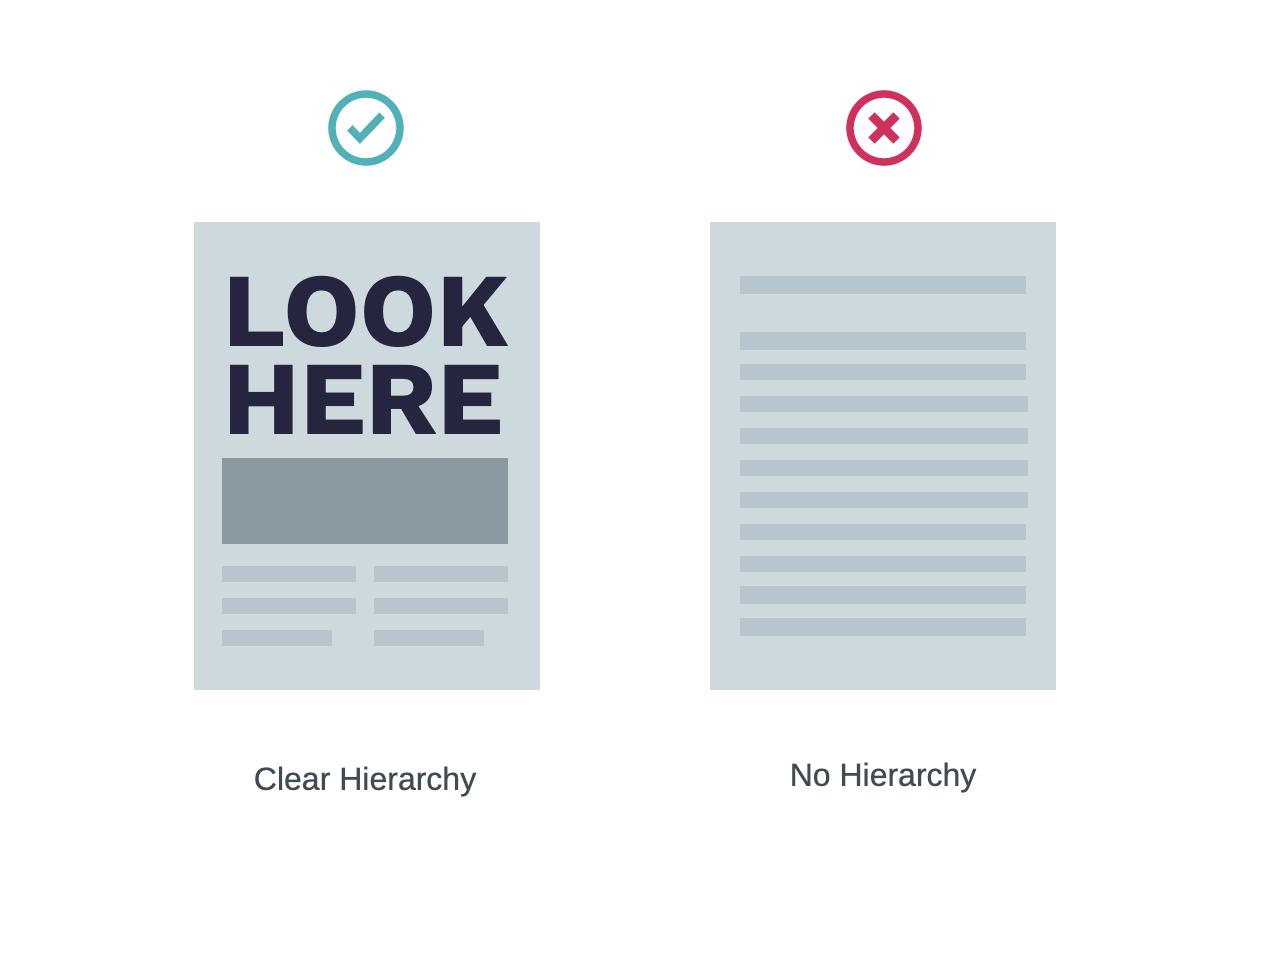 designing webinar social media graphics